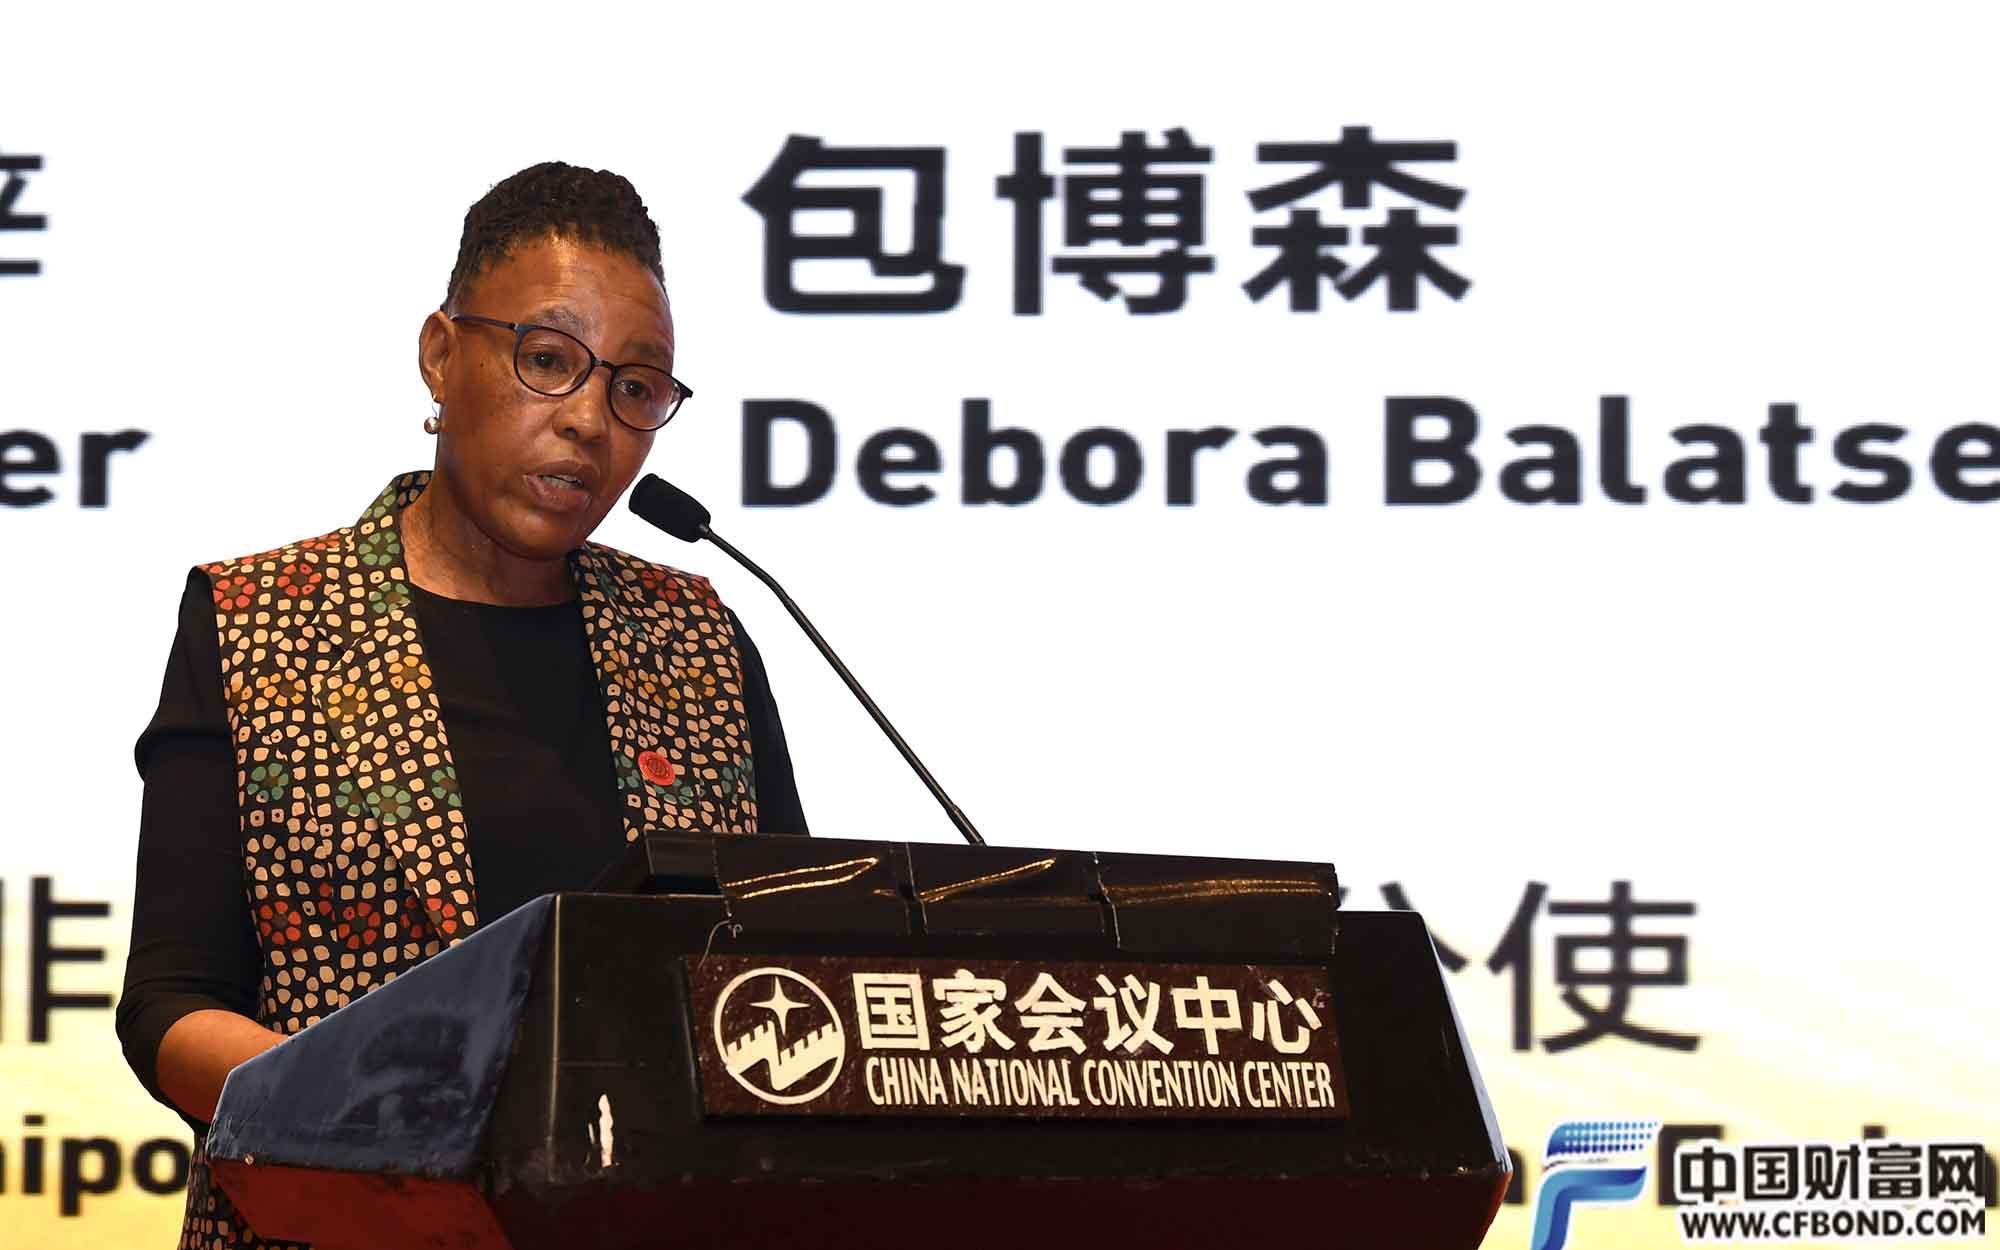 南非驻华大馆公使Debora Balatseng致辞